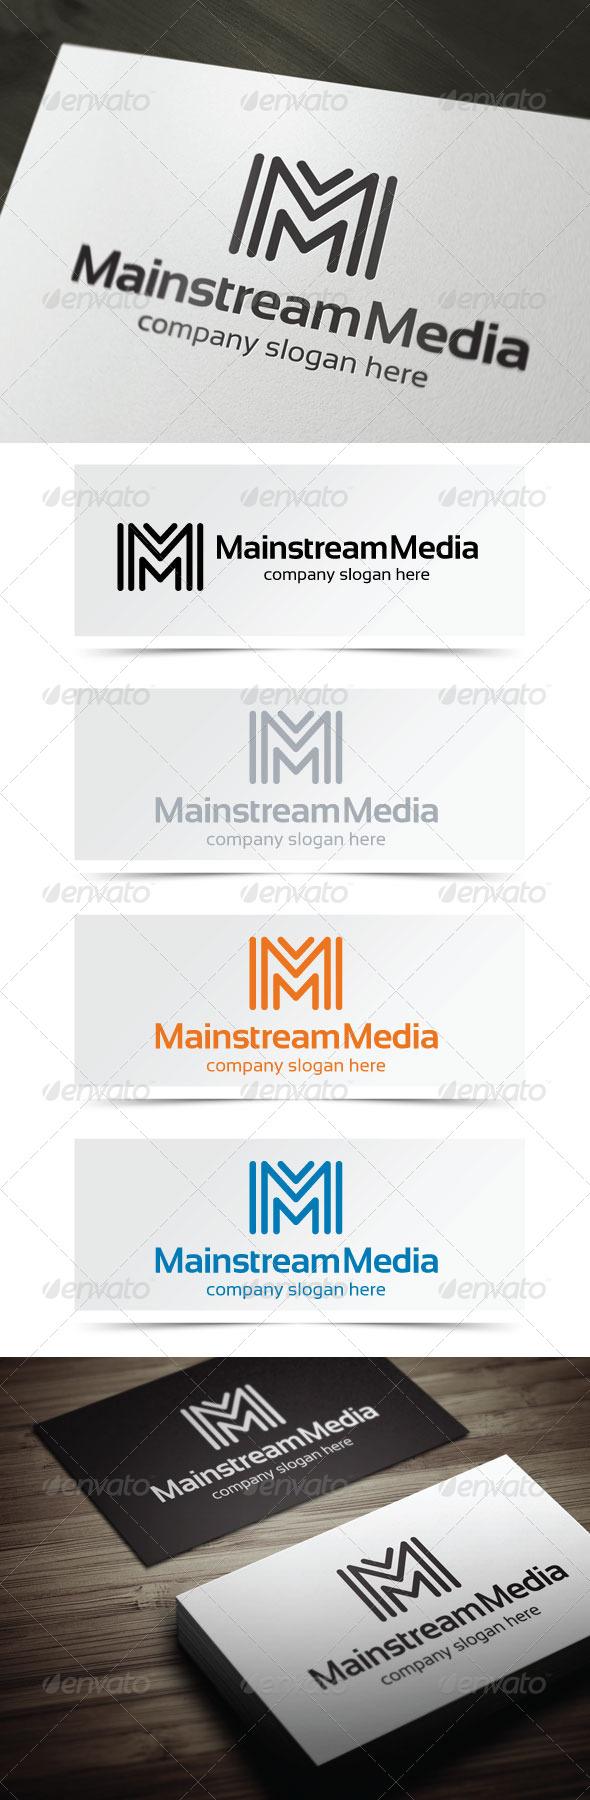 GraphicRiver Mainstream Media 5080853